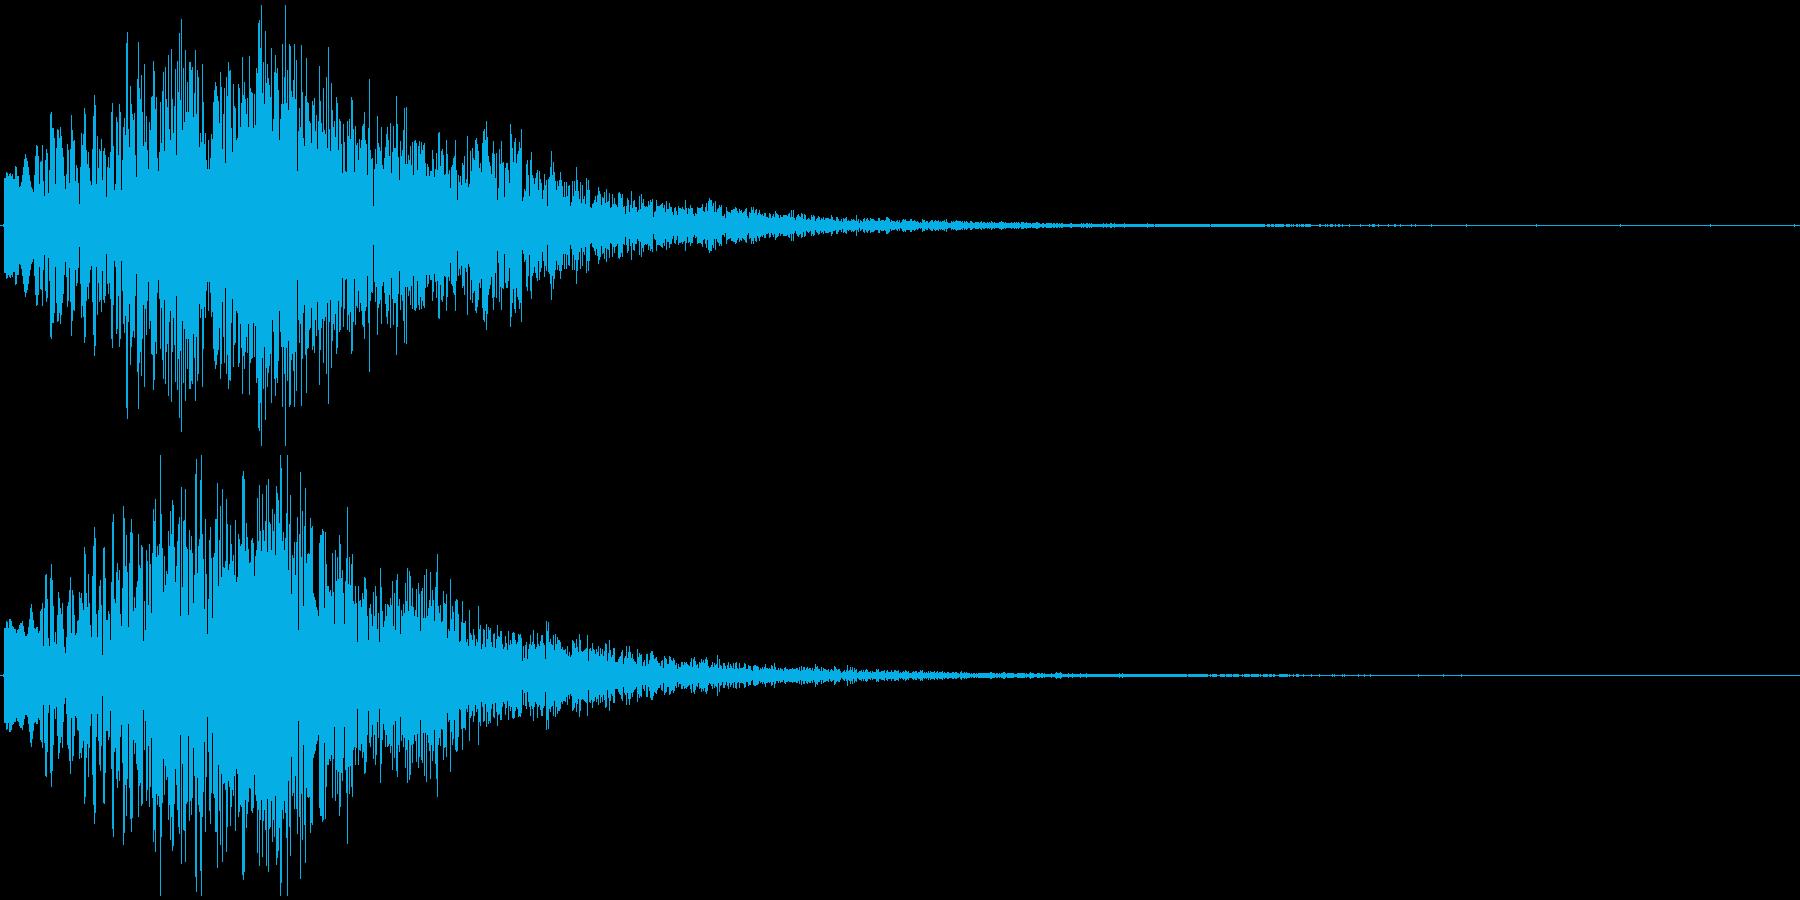 ボワーン ピョワーン ワープするような音の再生済みの波形